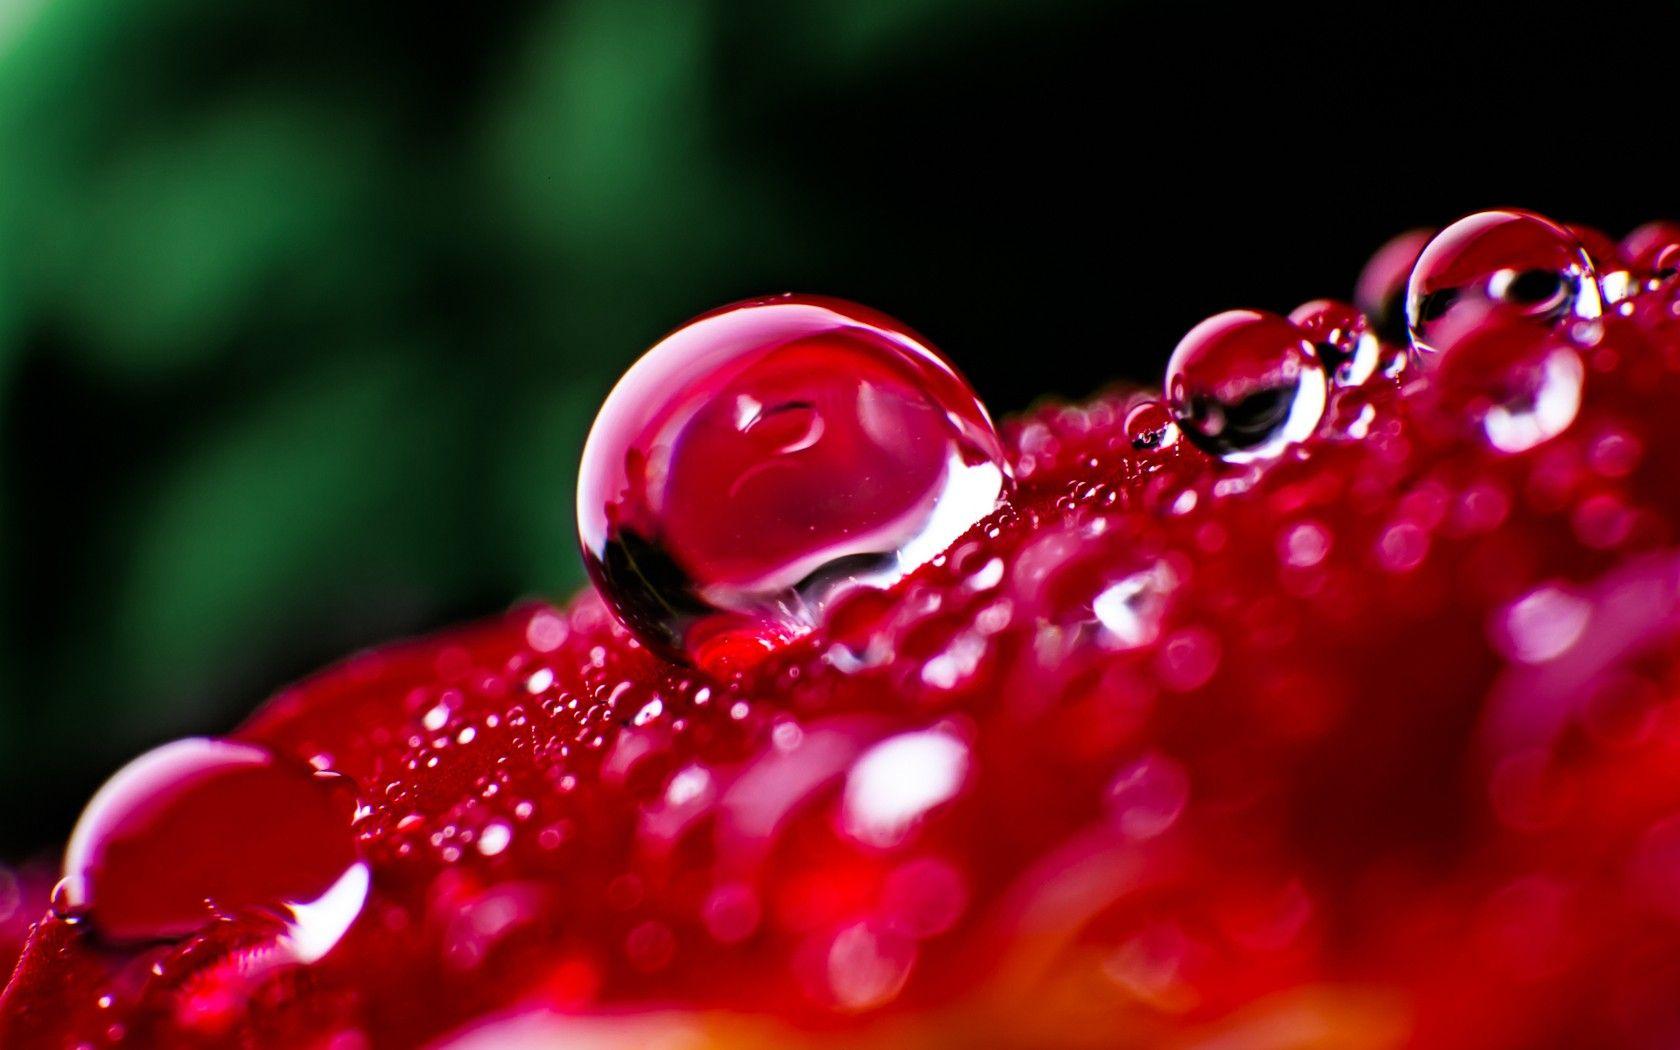 Flower Macro Drops Water Rose Red Hd Garden Wallpaper Flower HD